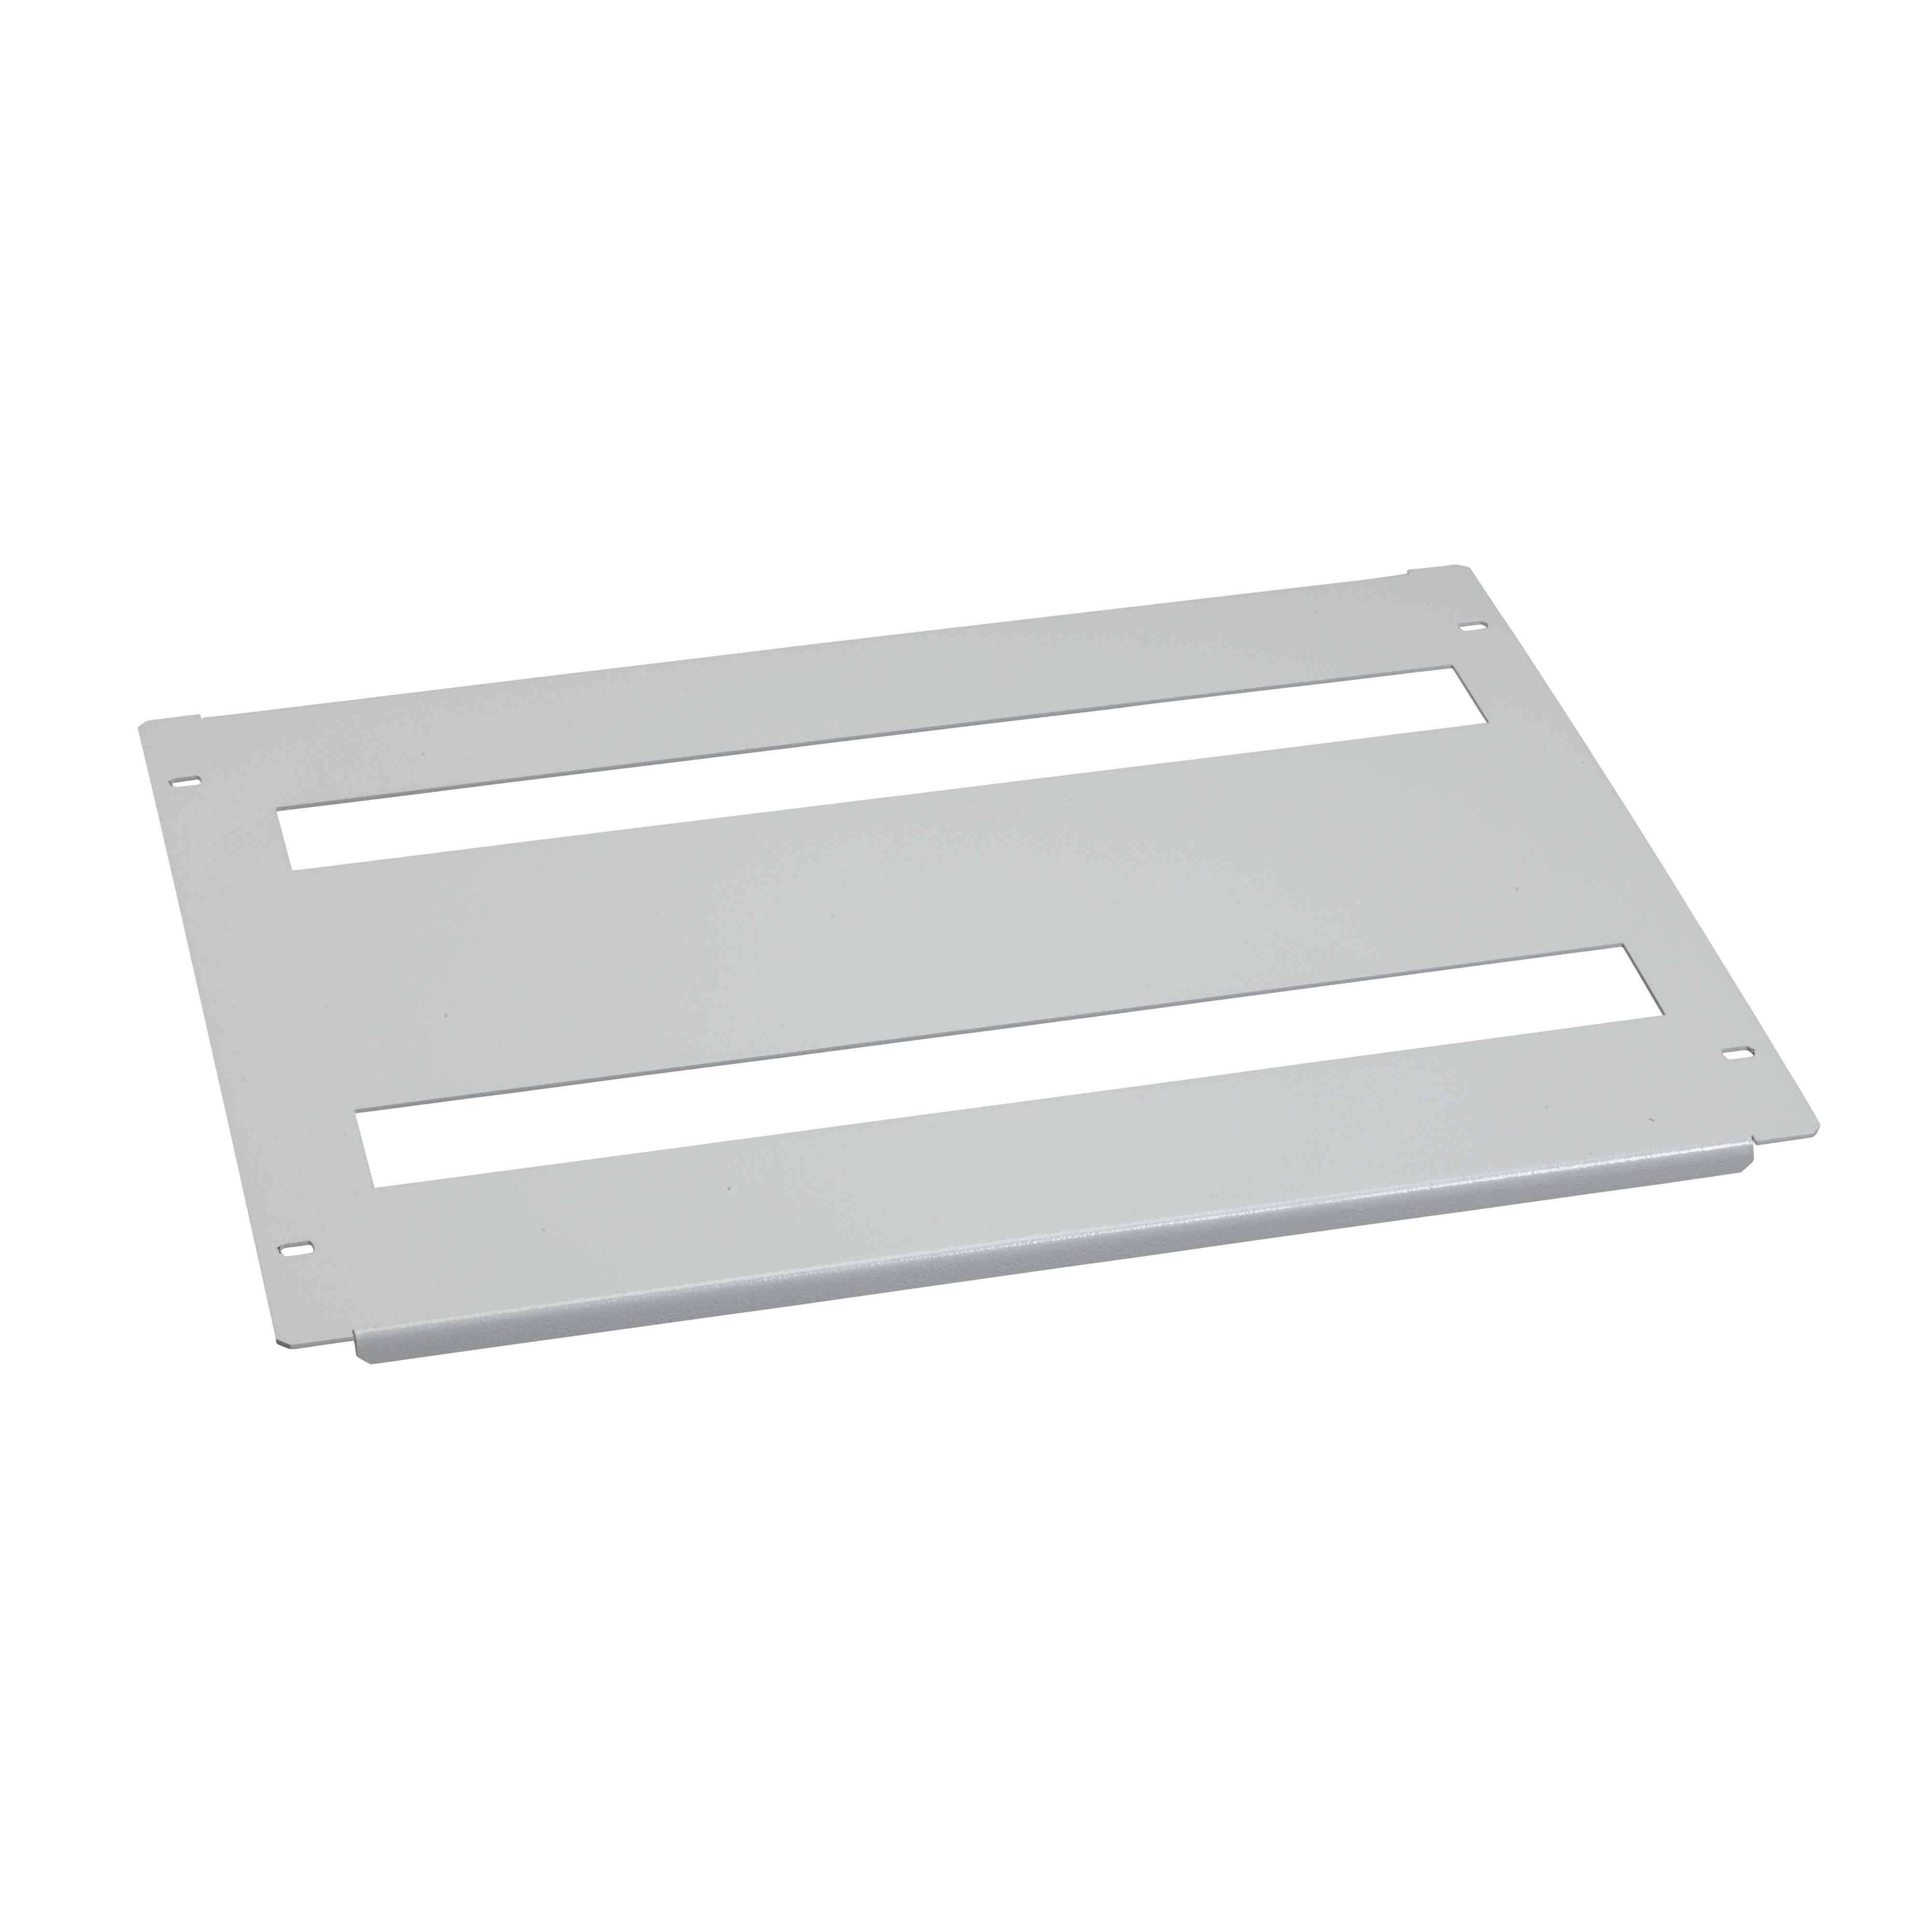 Izrezana pokrivna plošča Spacial SF/SM - 150 x 600 mm - pritrditev z vijaki